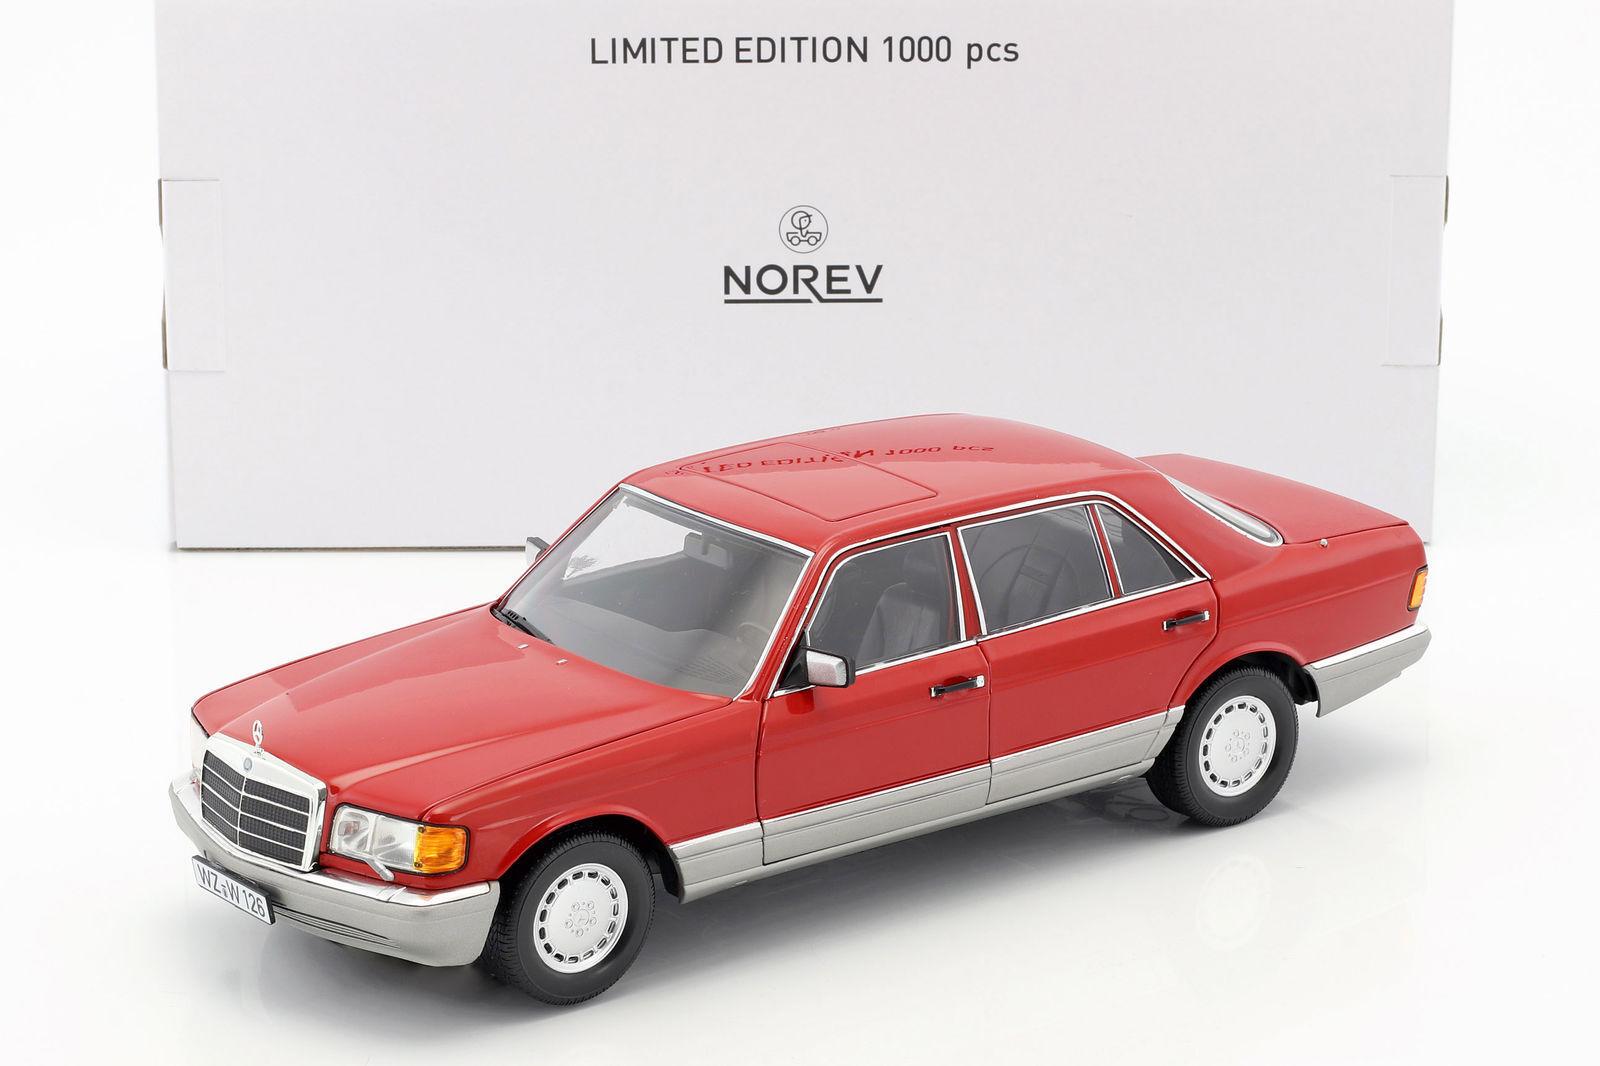 Mercedes - benz 560 sel norev 1991 w126 rote 18  neuer posten